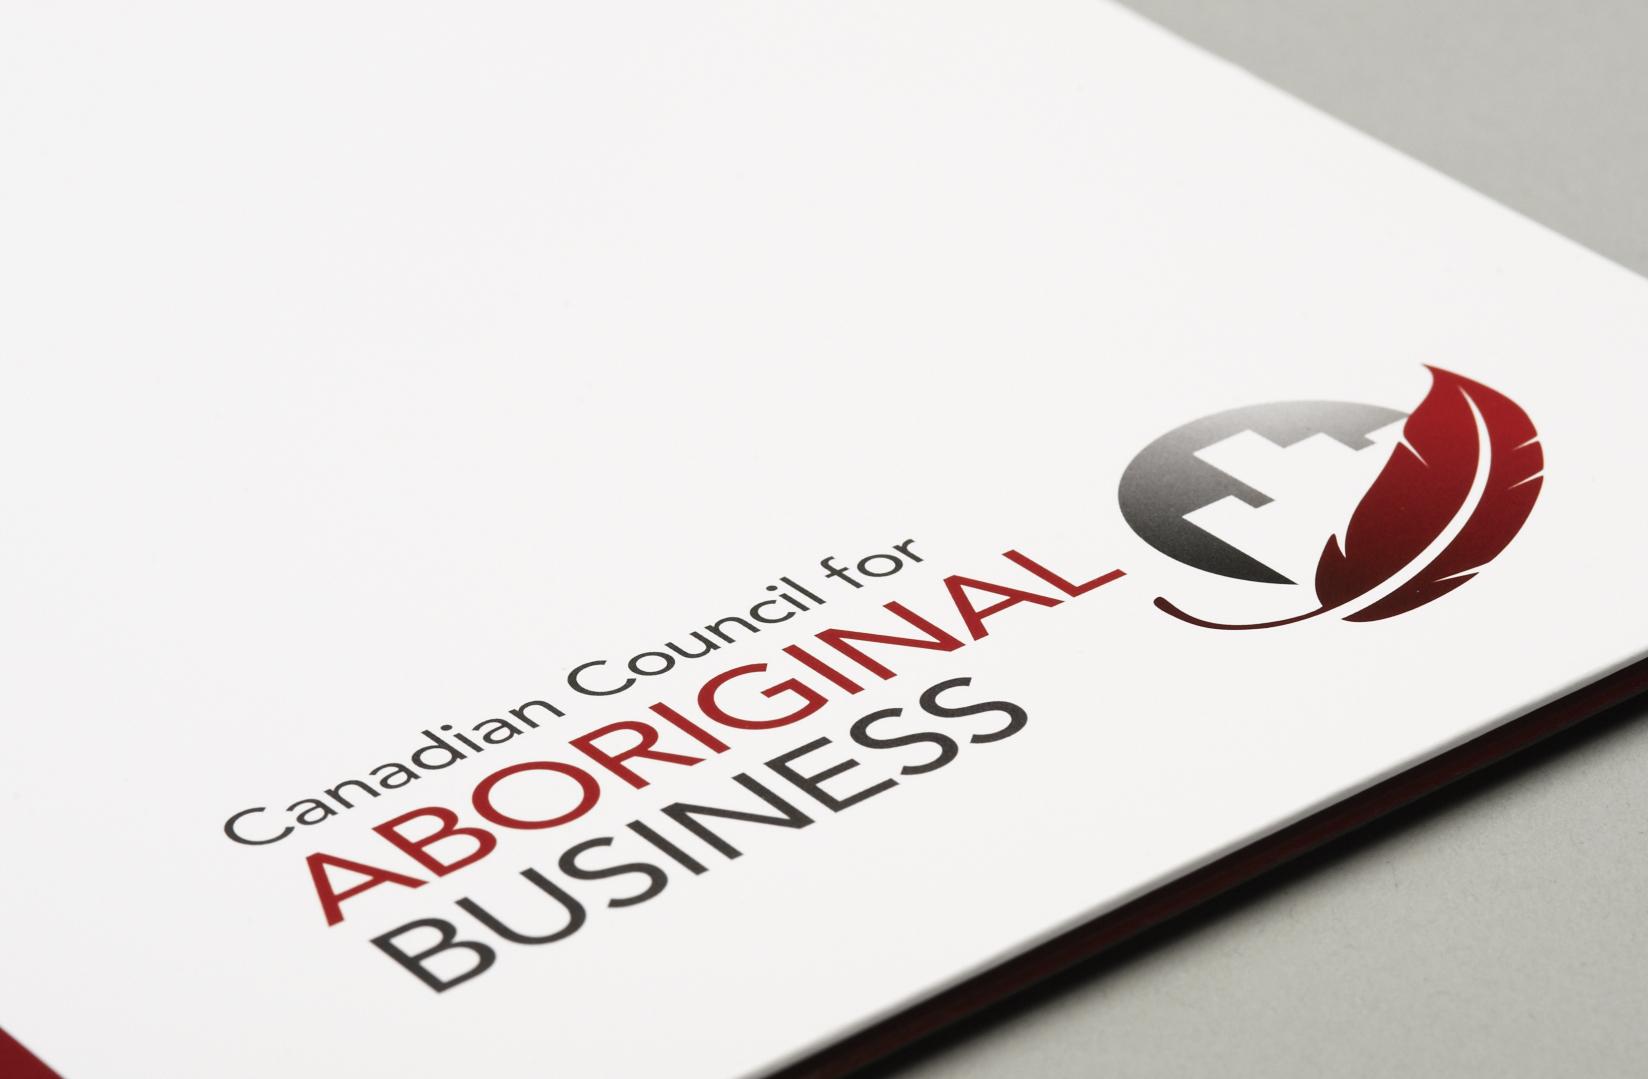 Canadian Council for Aboriginal Business - Stationery Design - Logo close up